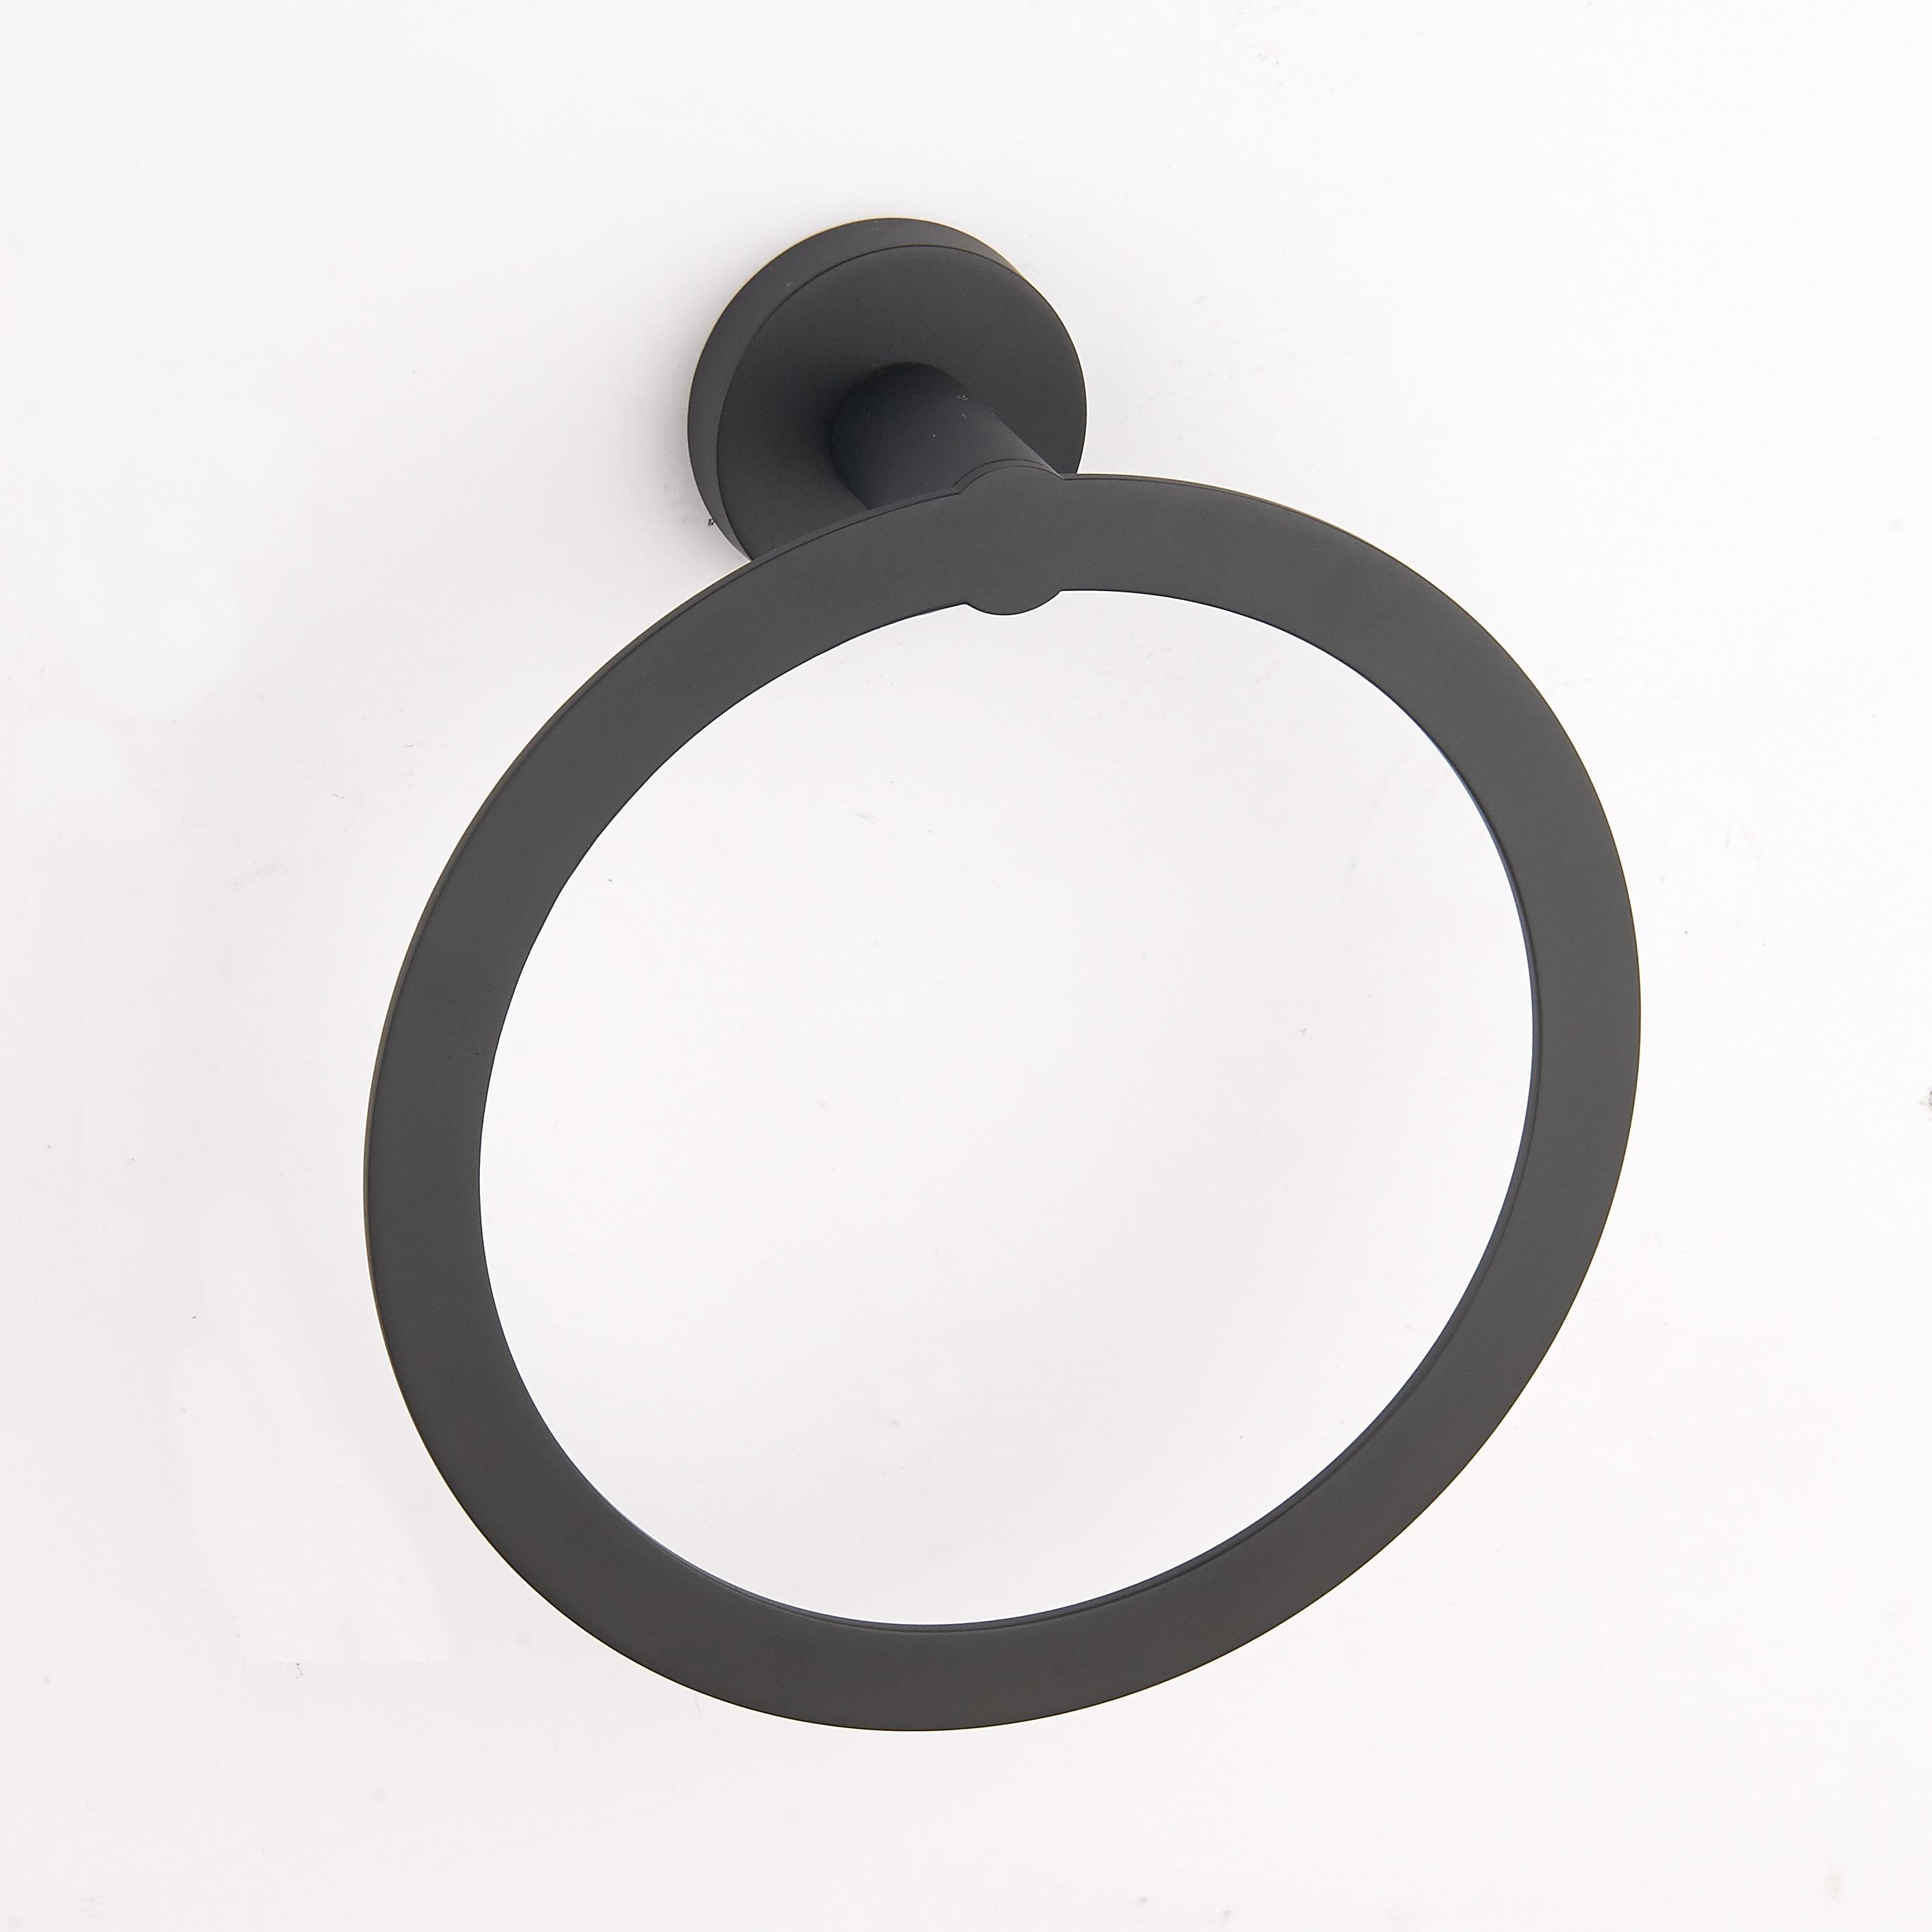 50532 Coleção de zinco Redonda Anel de Toalha do banheiro preto